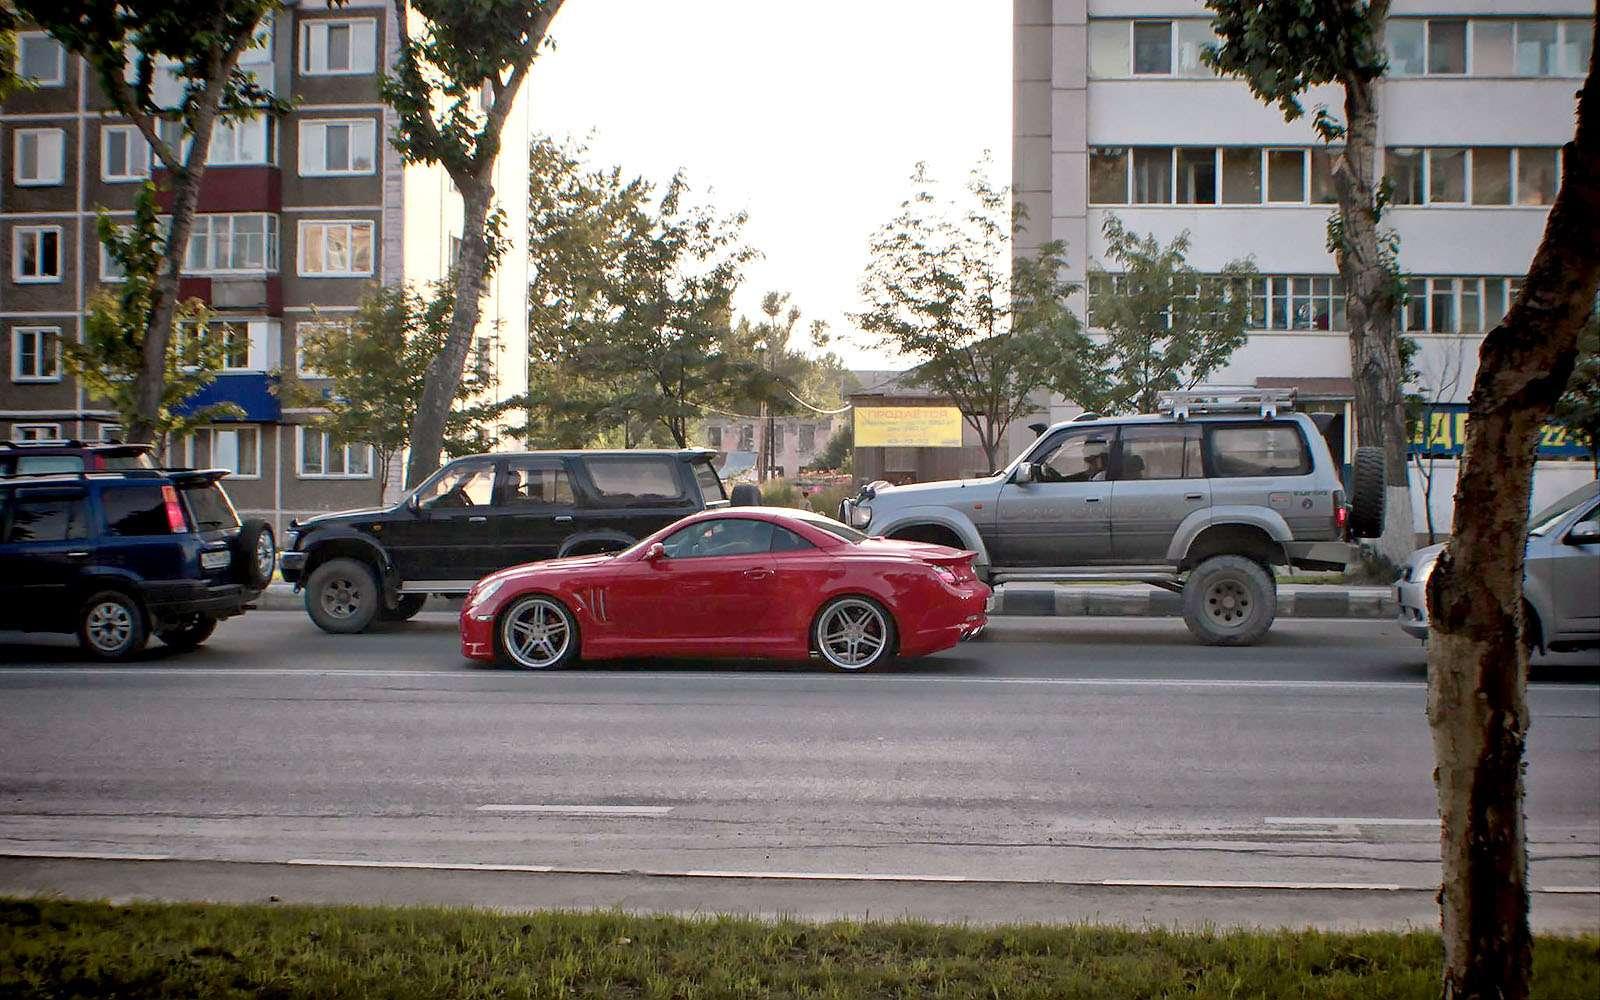 Нелегальный тюнинг автомобилей: снимите это немедленно!— фото 597083